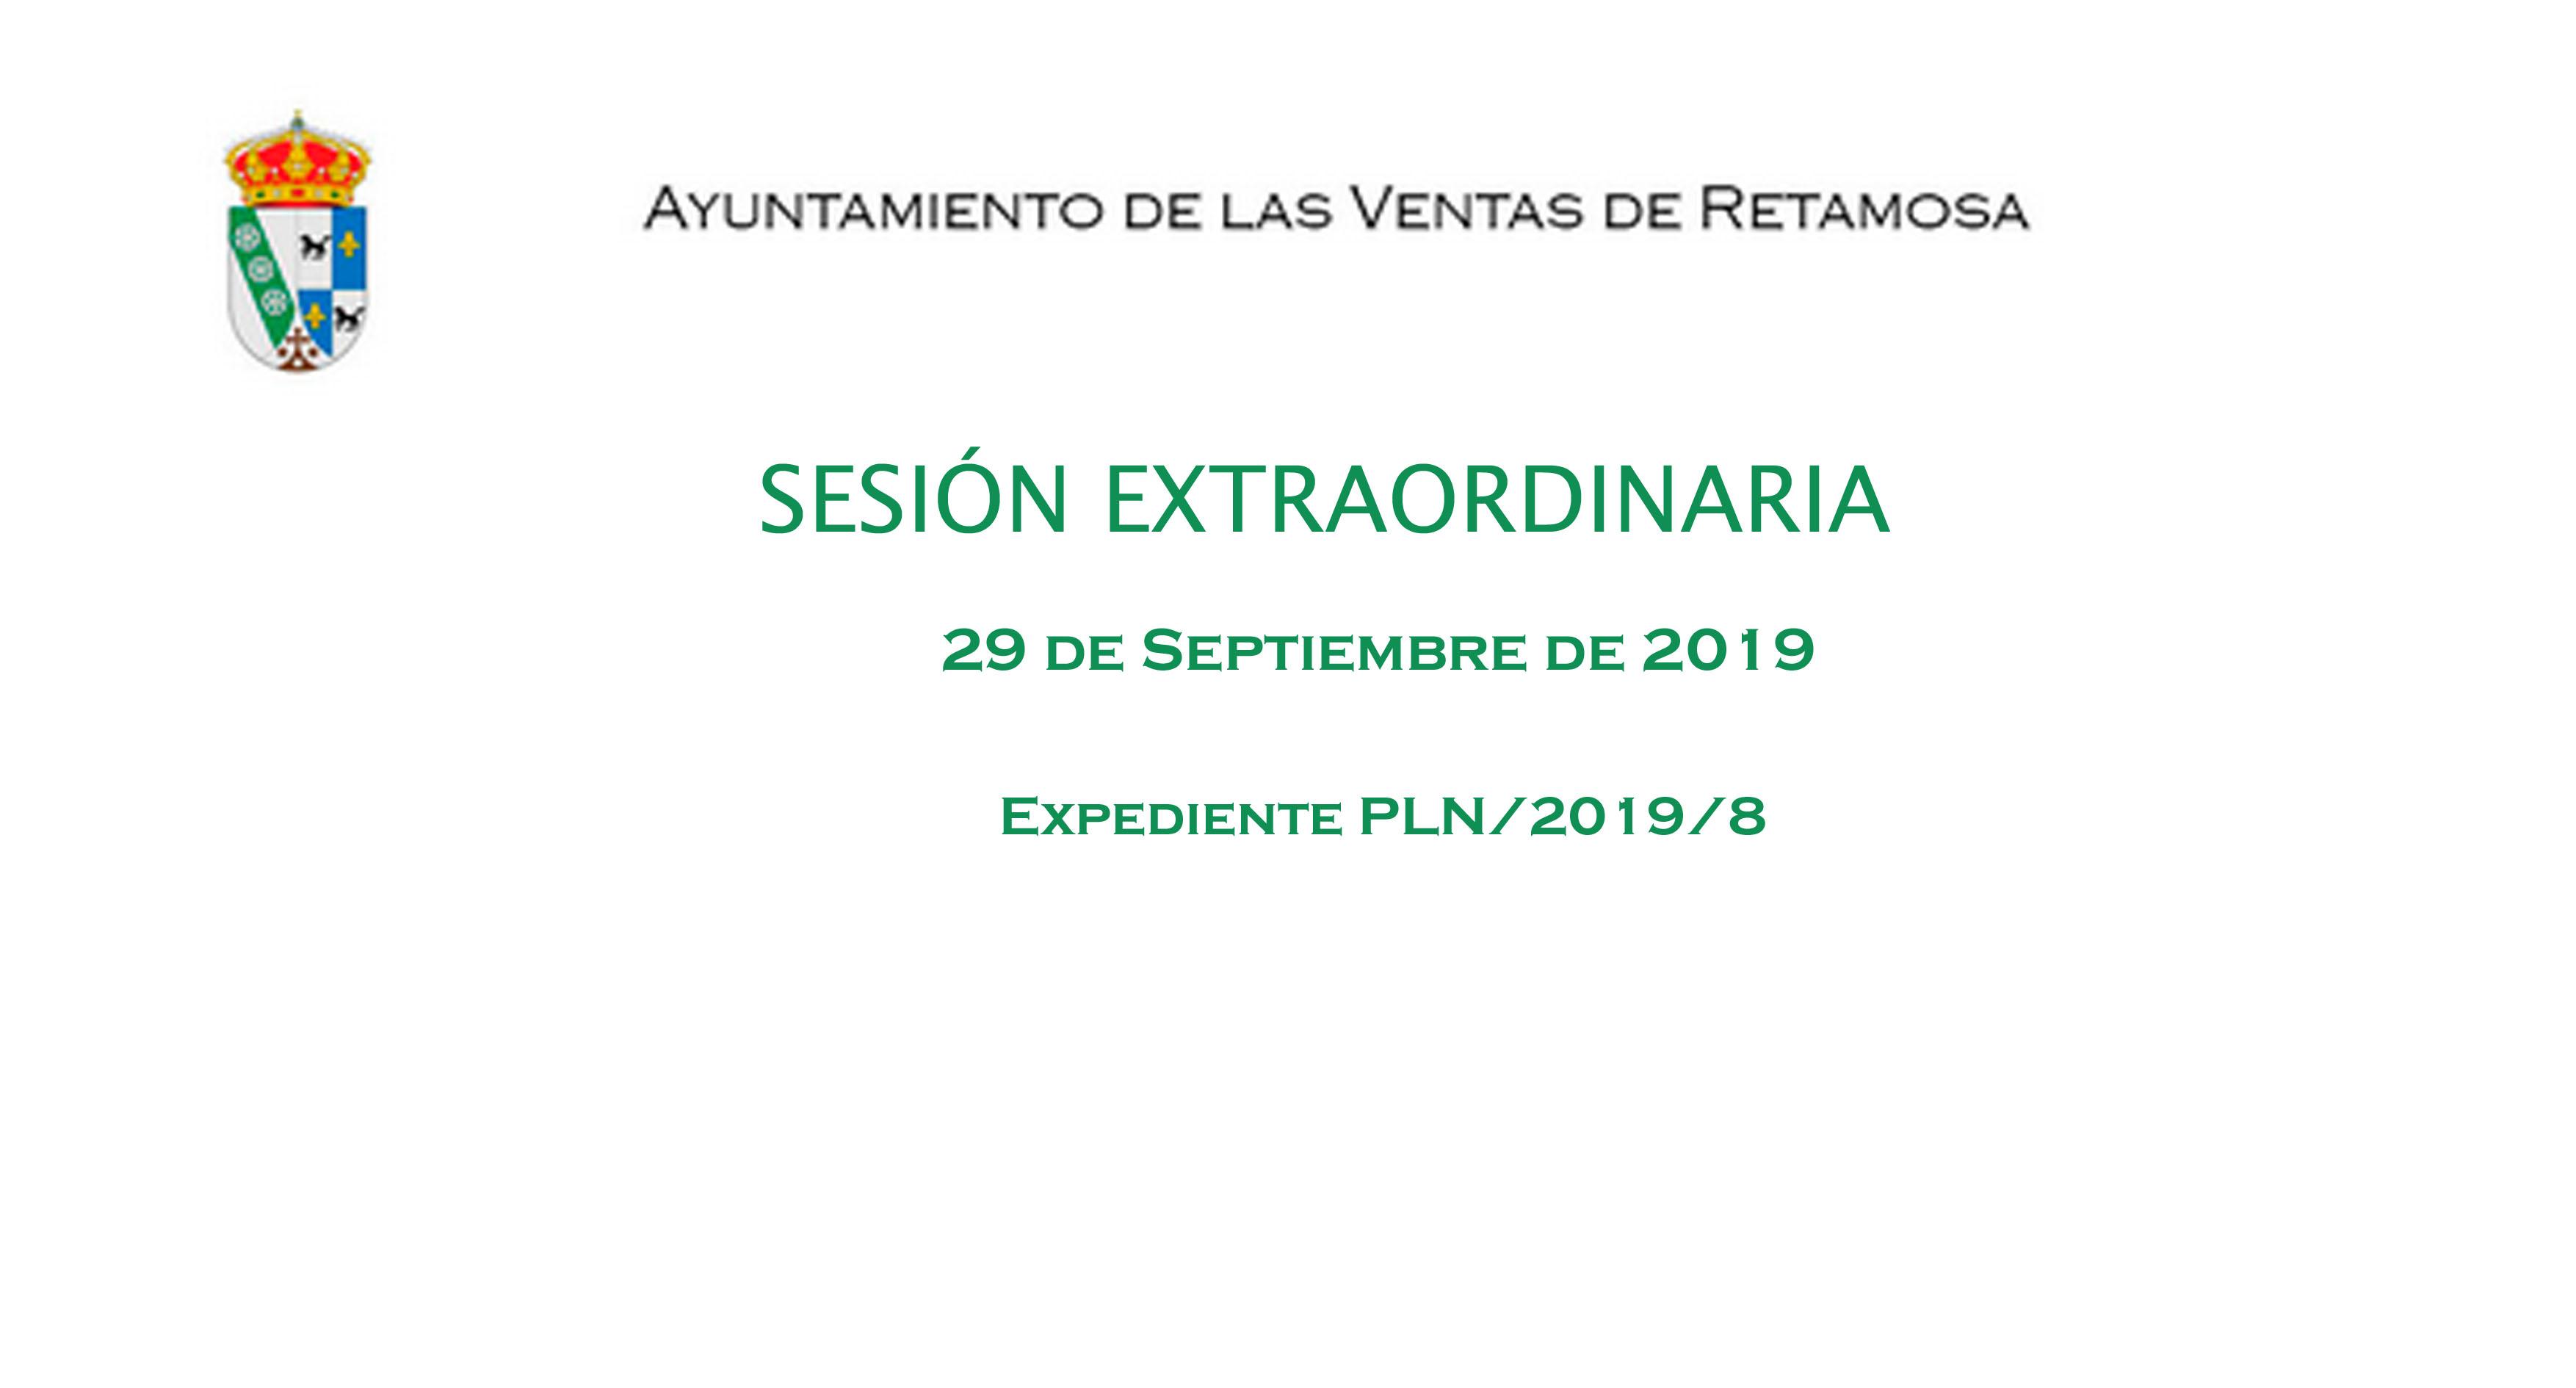 PLENO-2019-8